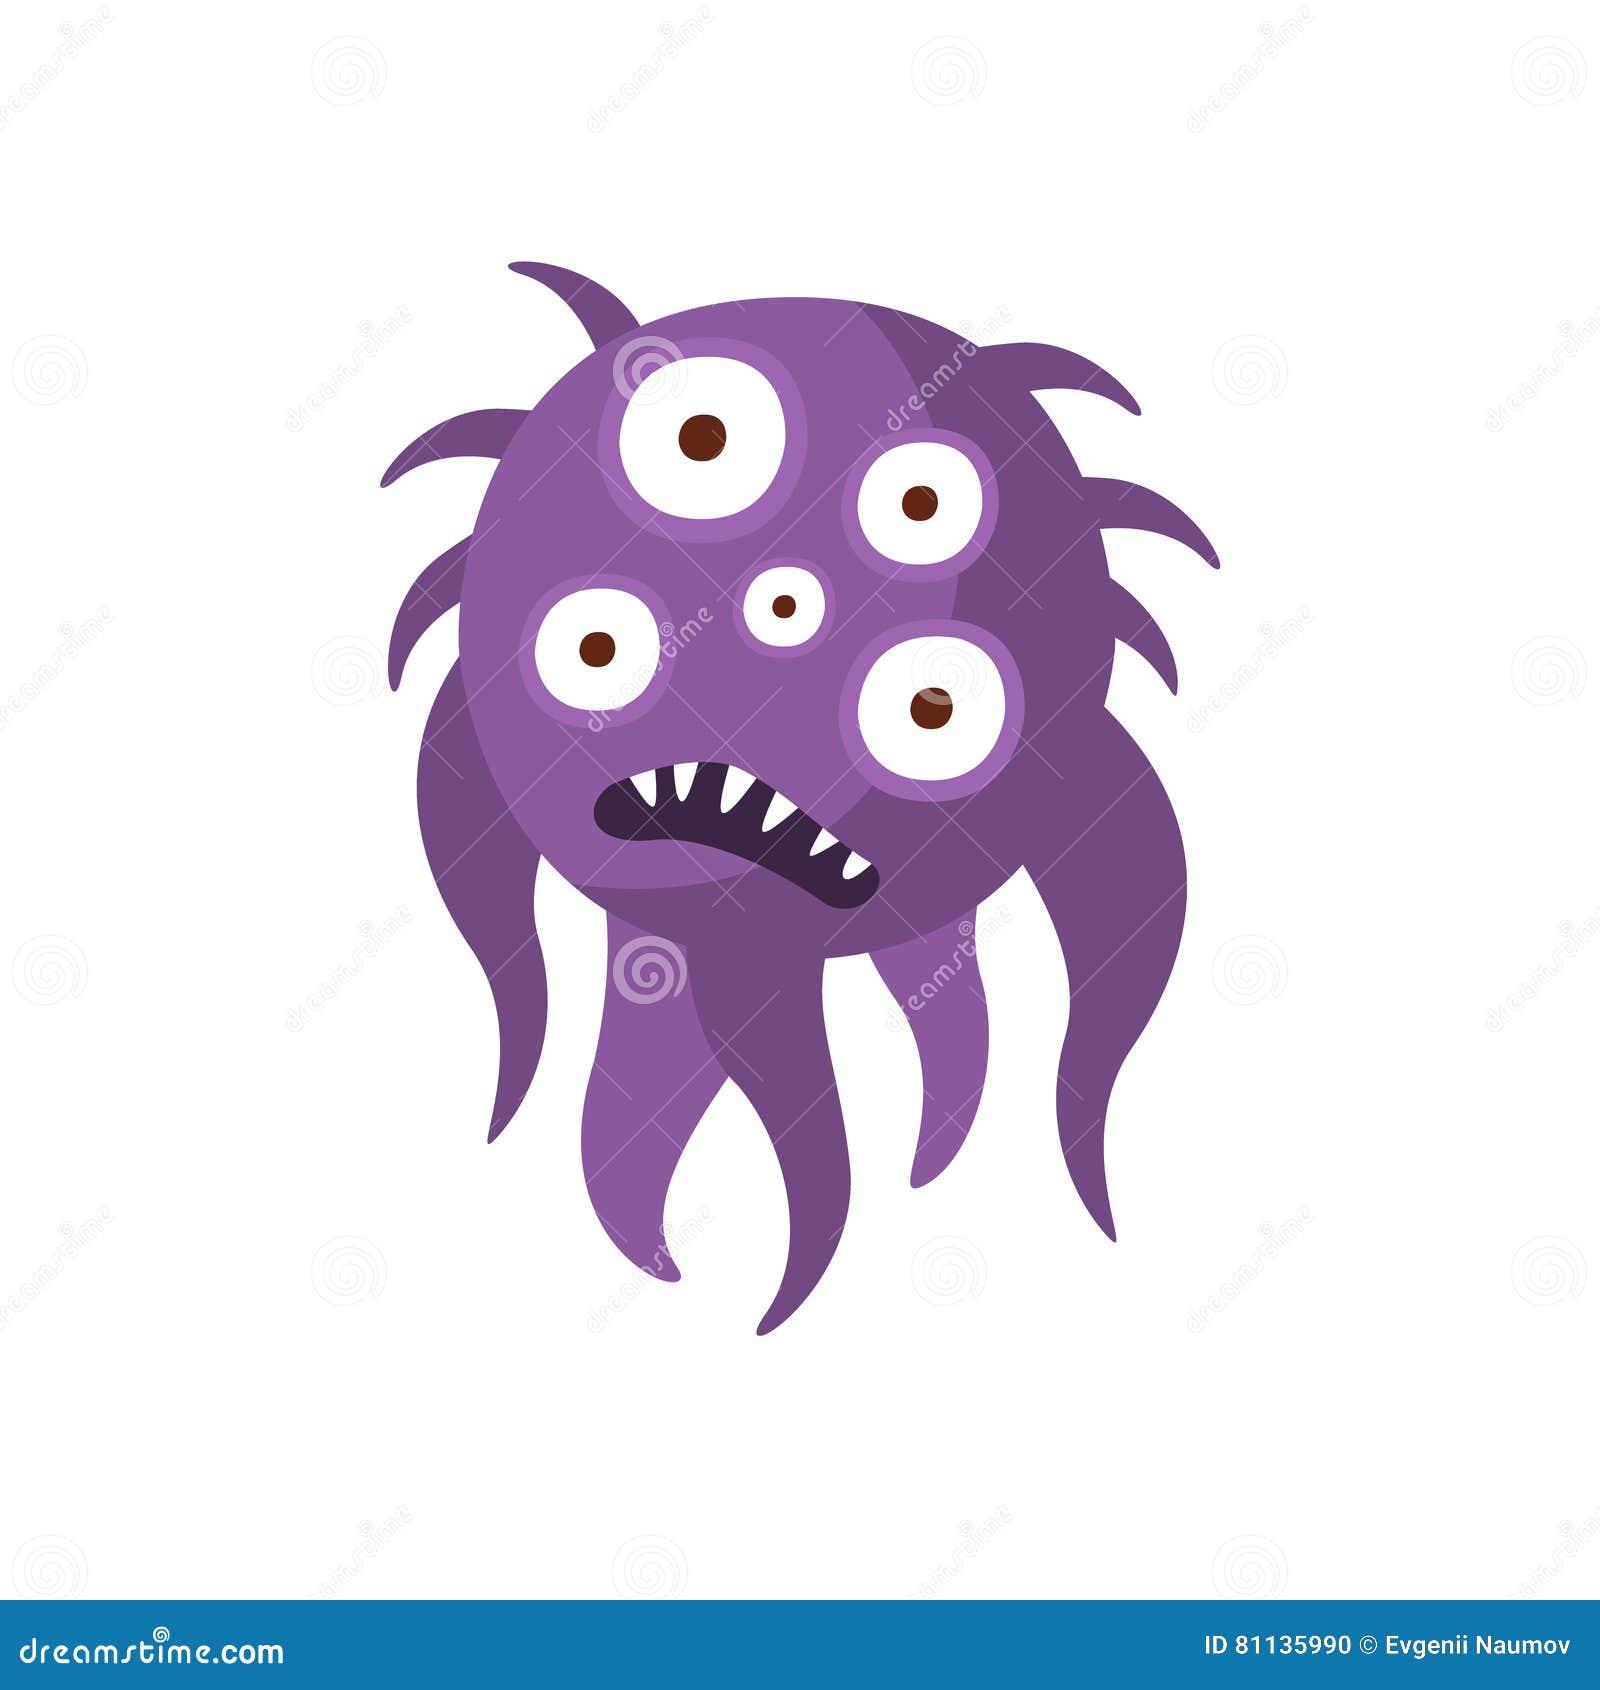 Ziemlich Das Monster Setzt Die Suche Fort Zeitgenössisch - Entry ...